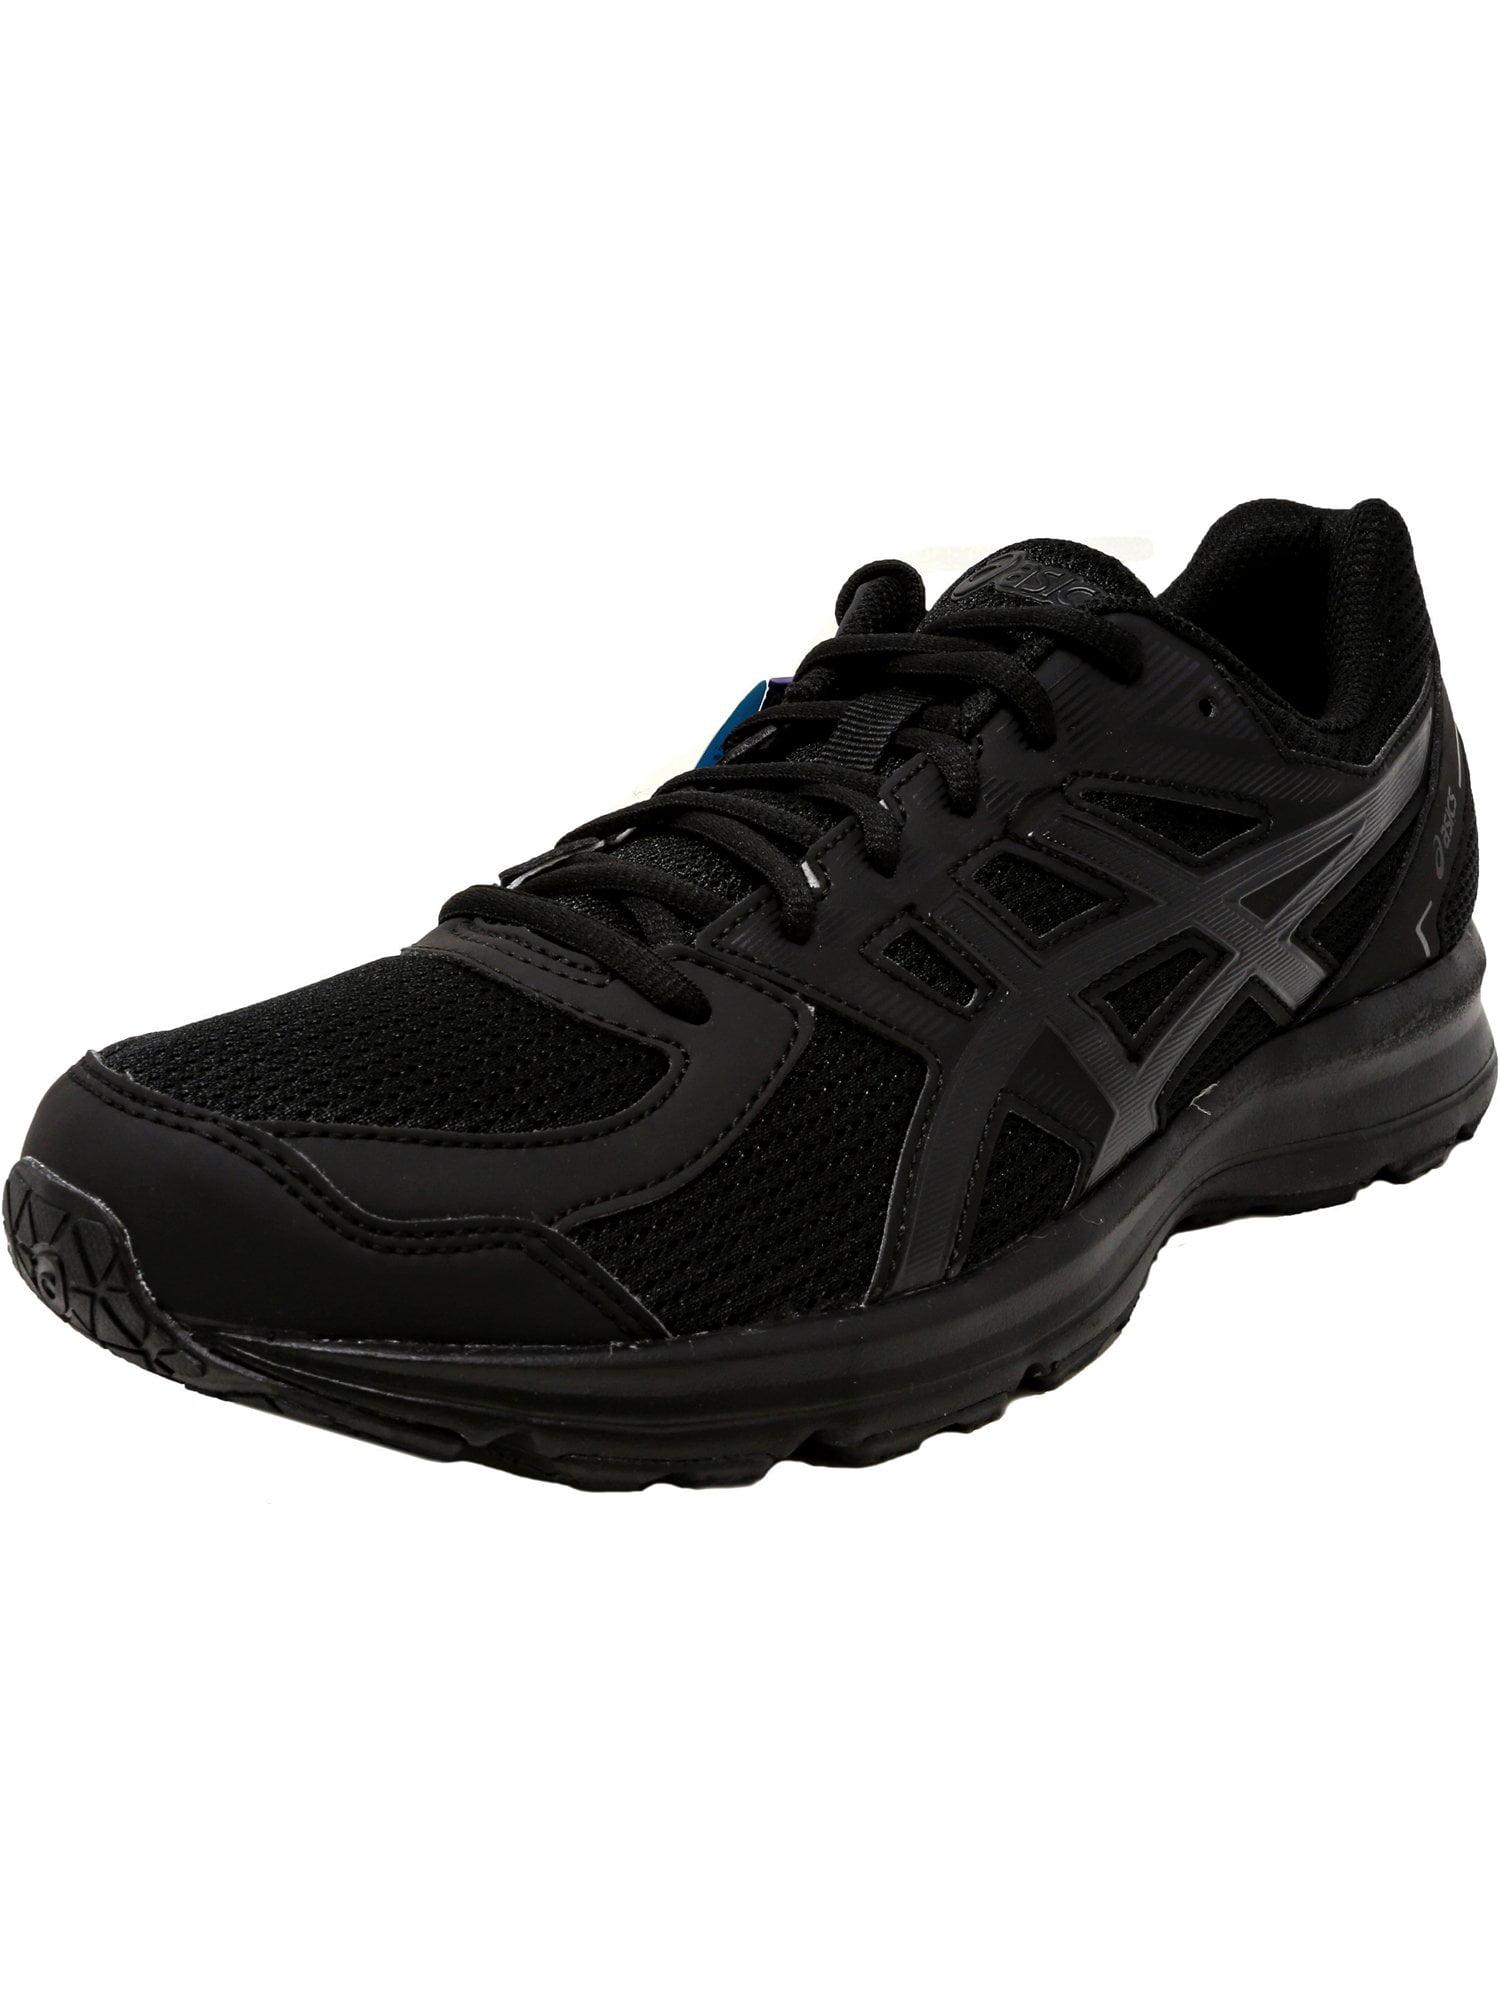 Asics Women's Jolt Black / Onyx Ankle-High Running Shoe - 11M